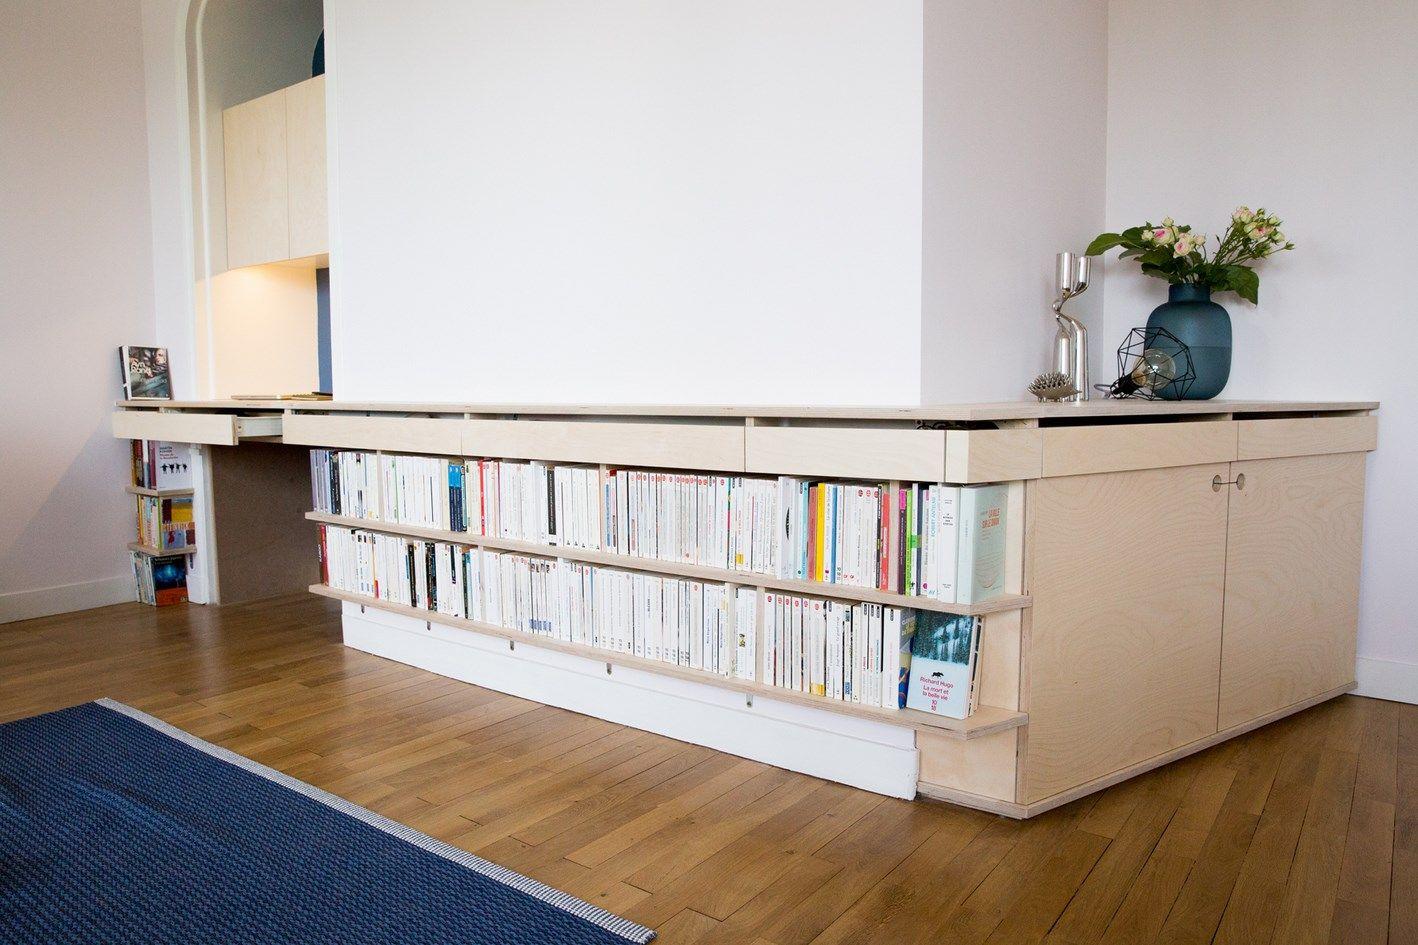 Meubles Tv Sur Mesure Et Hifi Nantes Vannes Lorient Paris Bibliotheque Sur Mesure Bibliotheque Design Decoration Maison